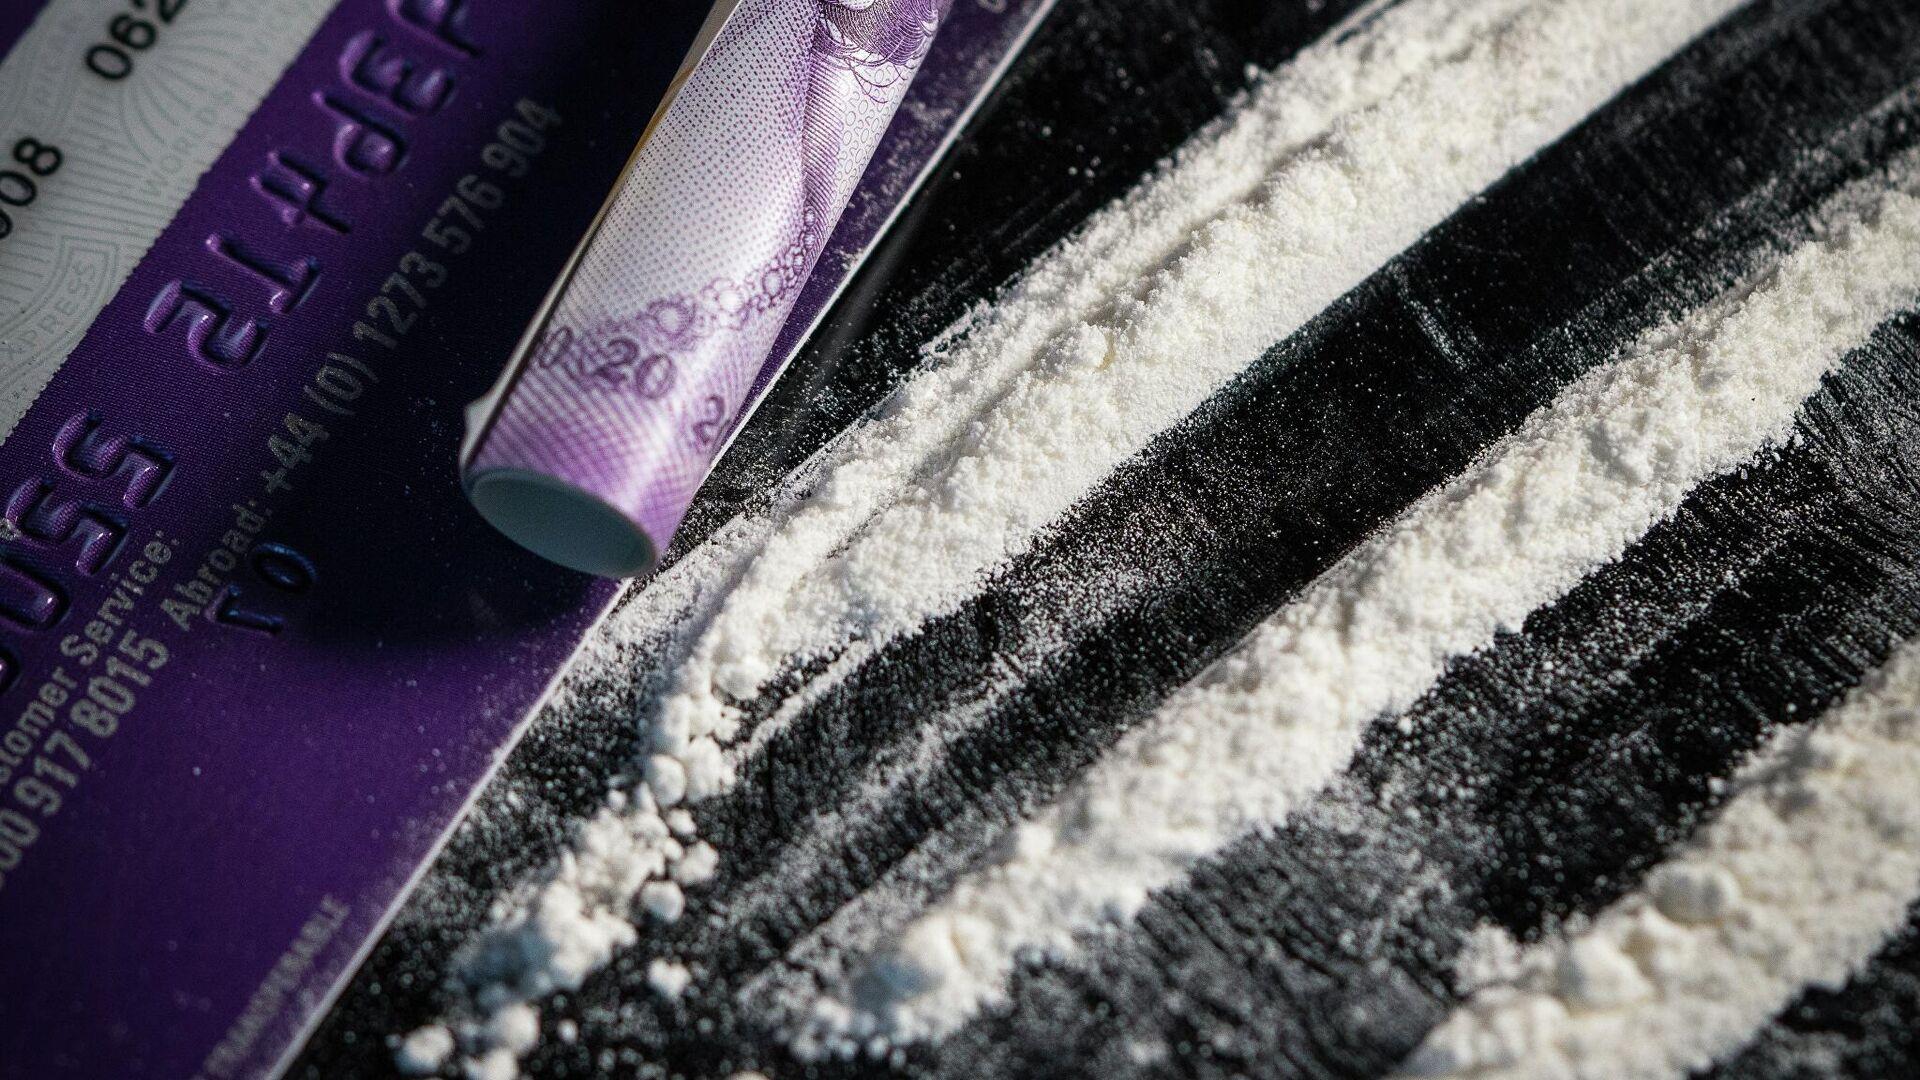 Cocaína (imagen referencial) - Sputnik Mundo, 1920, 22.09.2021